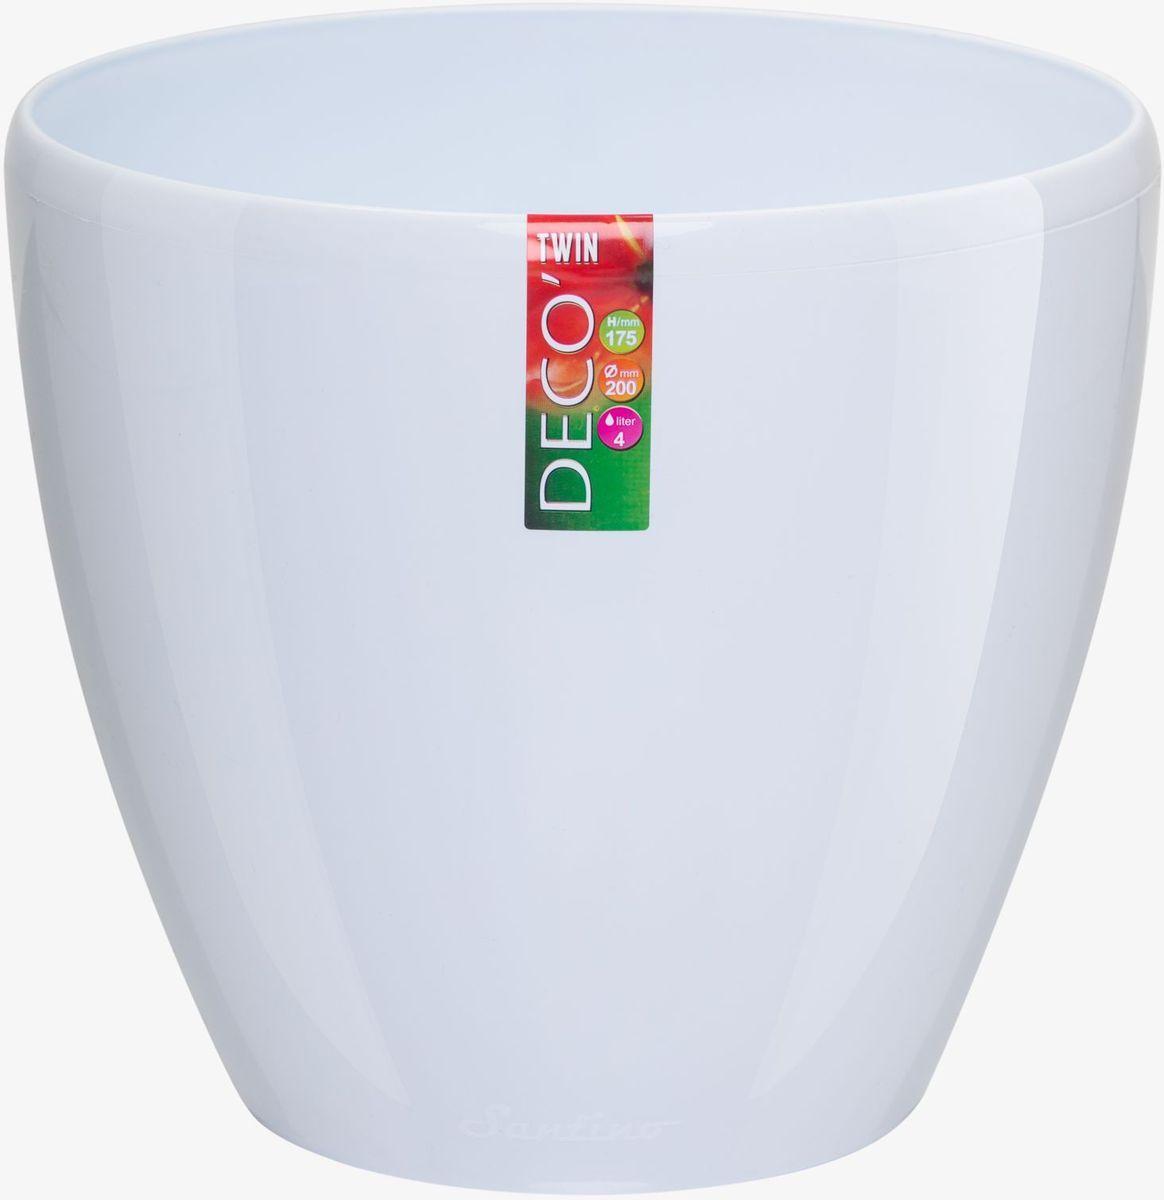 Горшок цветочный Santino Deco Twin, двойной, с системой автополива, цвет: прозрачный, 5,8 л1004900000360Горшок цветочный Santino Deco Twin снабжен дренажной системой и состоит из кашпо и вазона-вкладыша. Изготовлен из пластика.Особенность: тарелочка или блюдце не нужны.Горшок предназначен для любых растений или цветов. Цветочный дренаж – это система, которая позволяет выводить лишнюю влагу через корневую систему цветка и слой почвы. Растение – это живой организм, следовательно, ему необходимо дышать. В доступе к кислороду нуждаются все части растения: -листья; -корневая система.Если цветовод по какой-либо причине зальет цветок водой, то она буквально вытеснит из почвенного слоя все пузырьки кислорода. Анаэробная среда способствует развитию различного рода бактерий. Безвоздушная среда приводит к загниванию корневой системы, цветок в результате увядает.Суть работы дренажной системы заключается в том, чтобы осуществлять отвод лишней влаги от растения и давать возможность корневой системе дышать без проблем. Следовательно, каждому цветку необходимо:-иметь в основании цветочного горшочка хотя бы одно небольшое дренажное отверстие. Оно необходимо для того, чтобы через него выходила лишняя вода, плюс ко всему это отверстие дает возможность циркулировать воздух.-на самом дне горшка необходимо выложить слоем в 2-5 см (зависит от вида растения) дренаж.